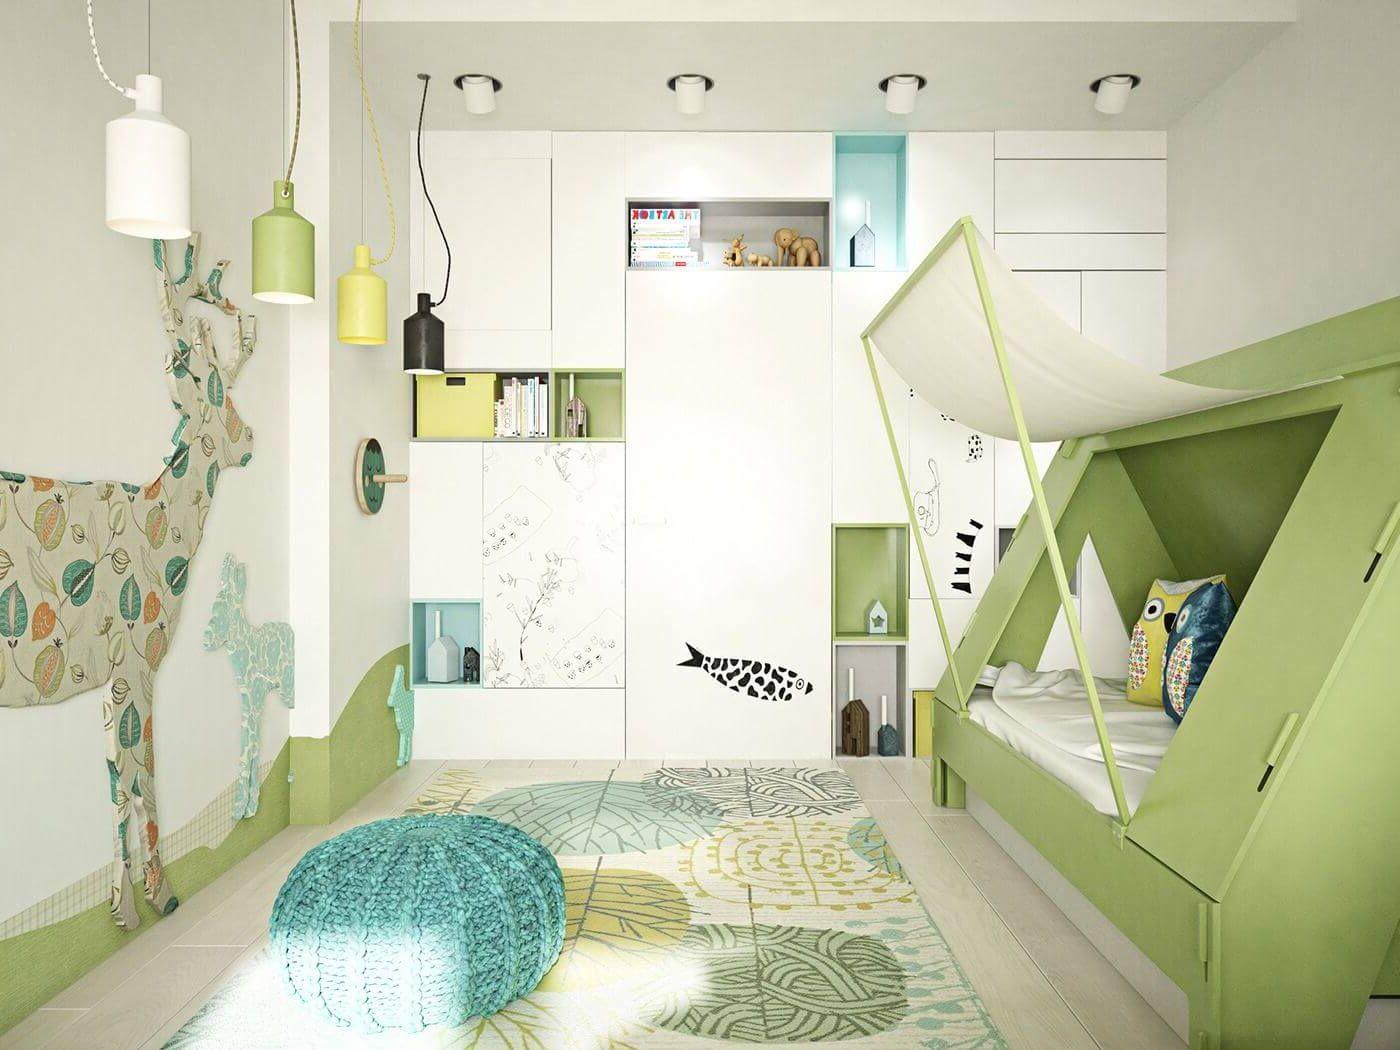 декоративный дизайн освещения в детской спальне